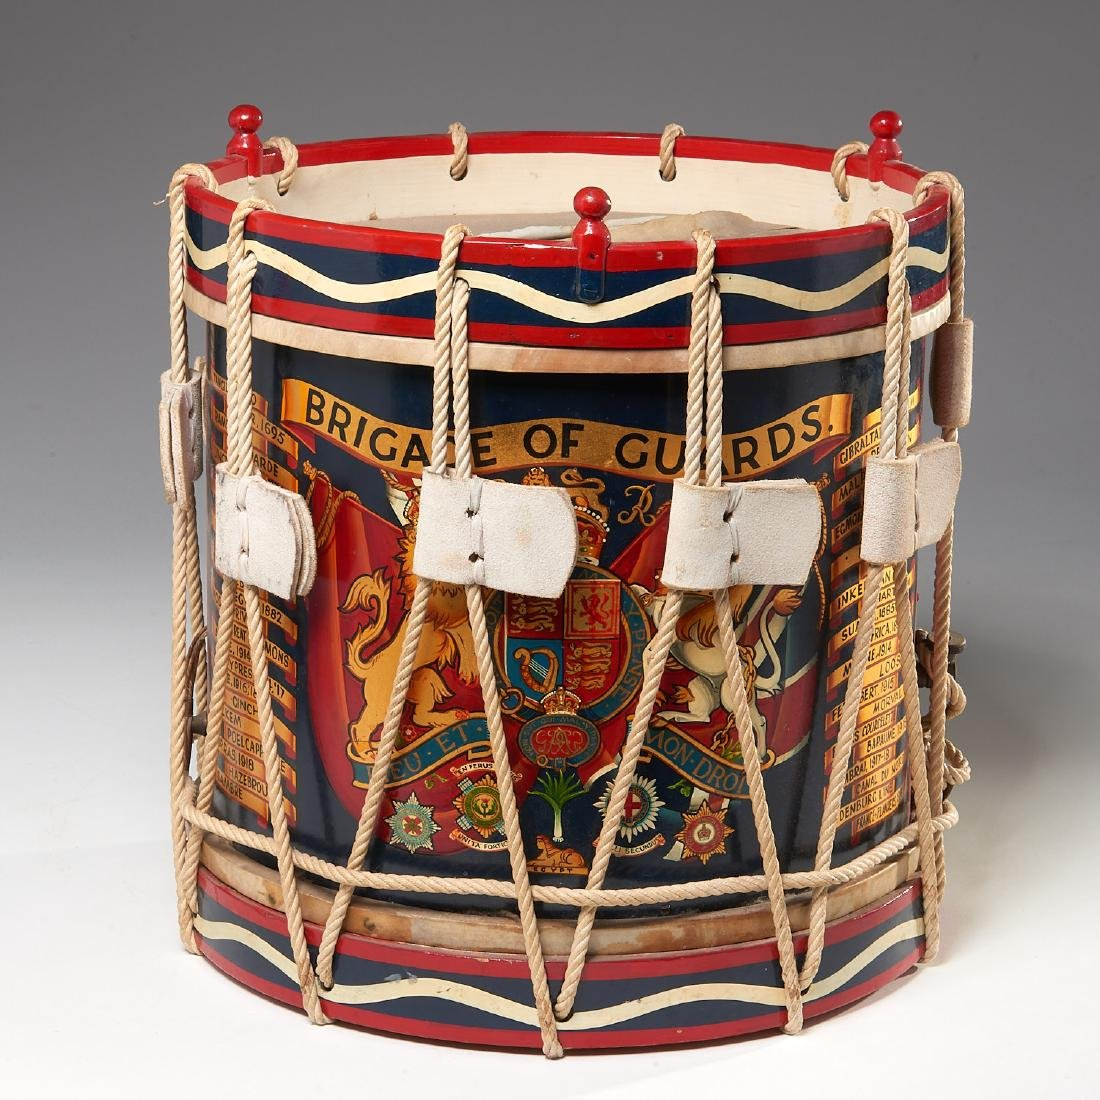 British Brigade of Guards ceremonial drum